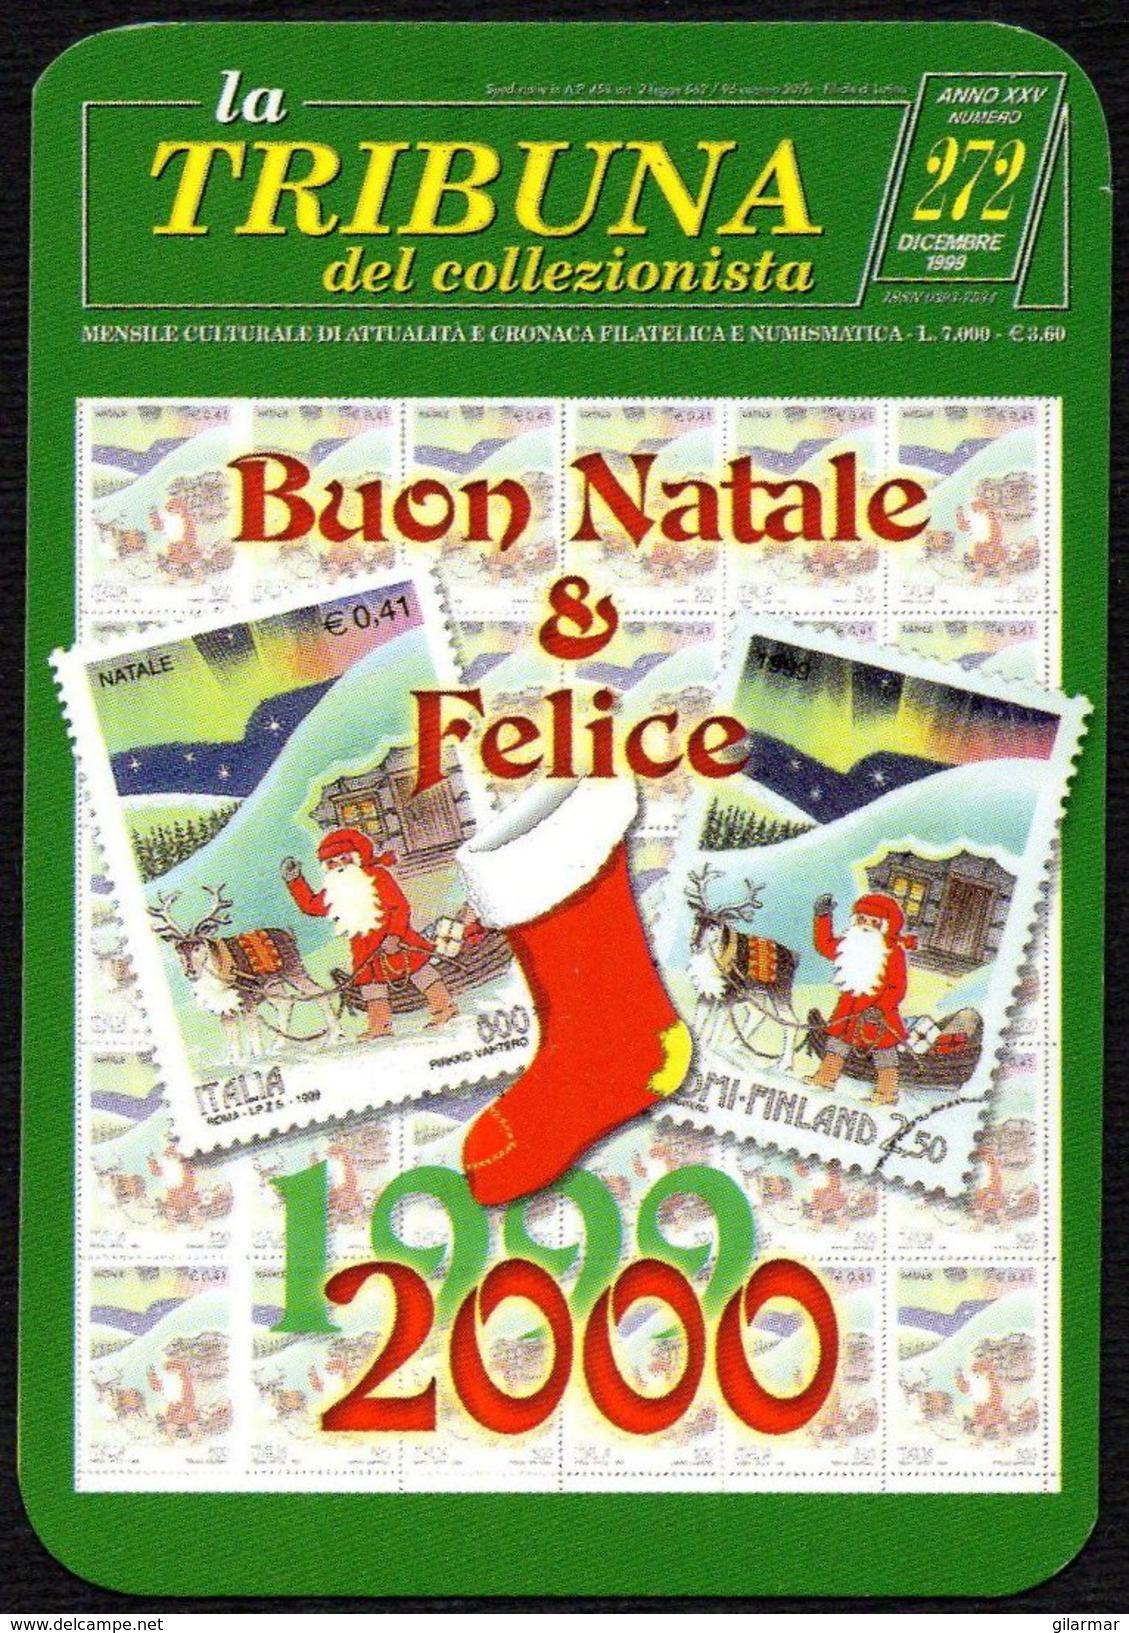 ITALIA 2000 - CALENDARIO TASCABILE - LA TRIBUNA DEL COLLEZIONISTA - BUON NATALE 1999 E FELICE 2000 - Formato Piccolo : 1991-00